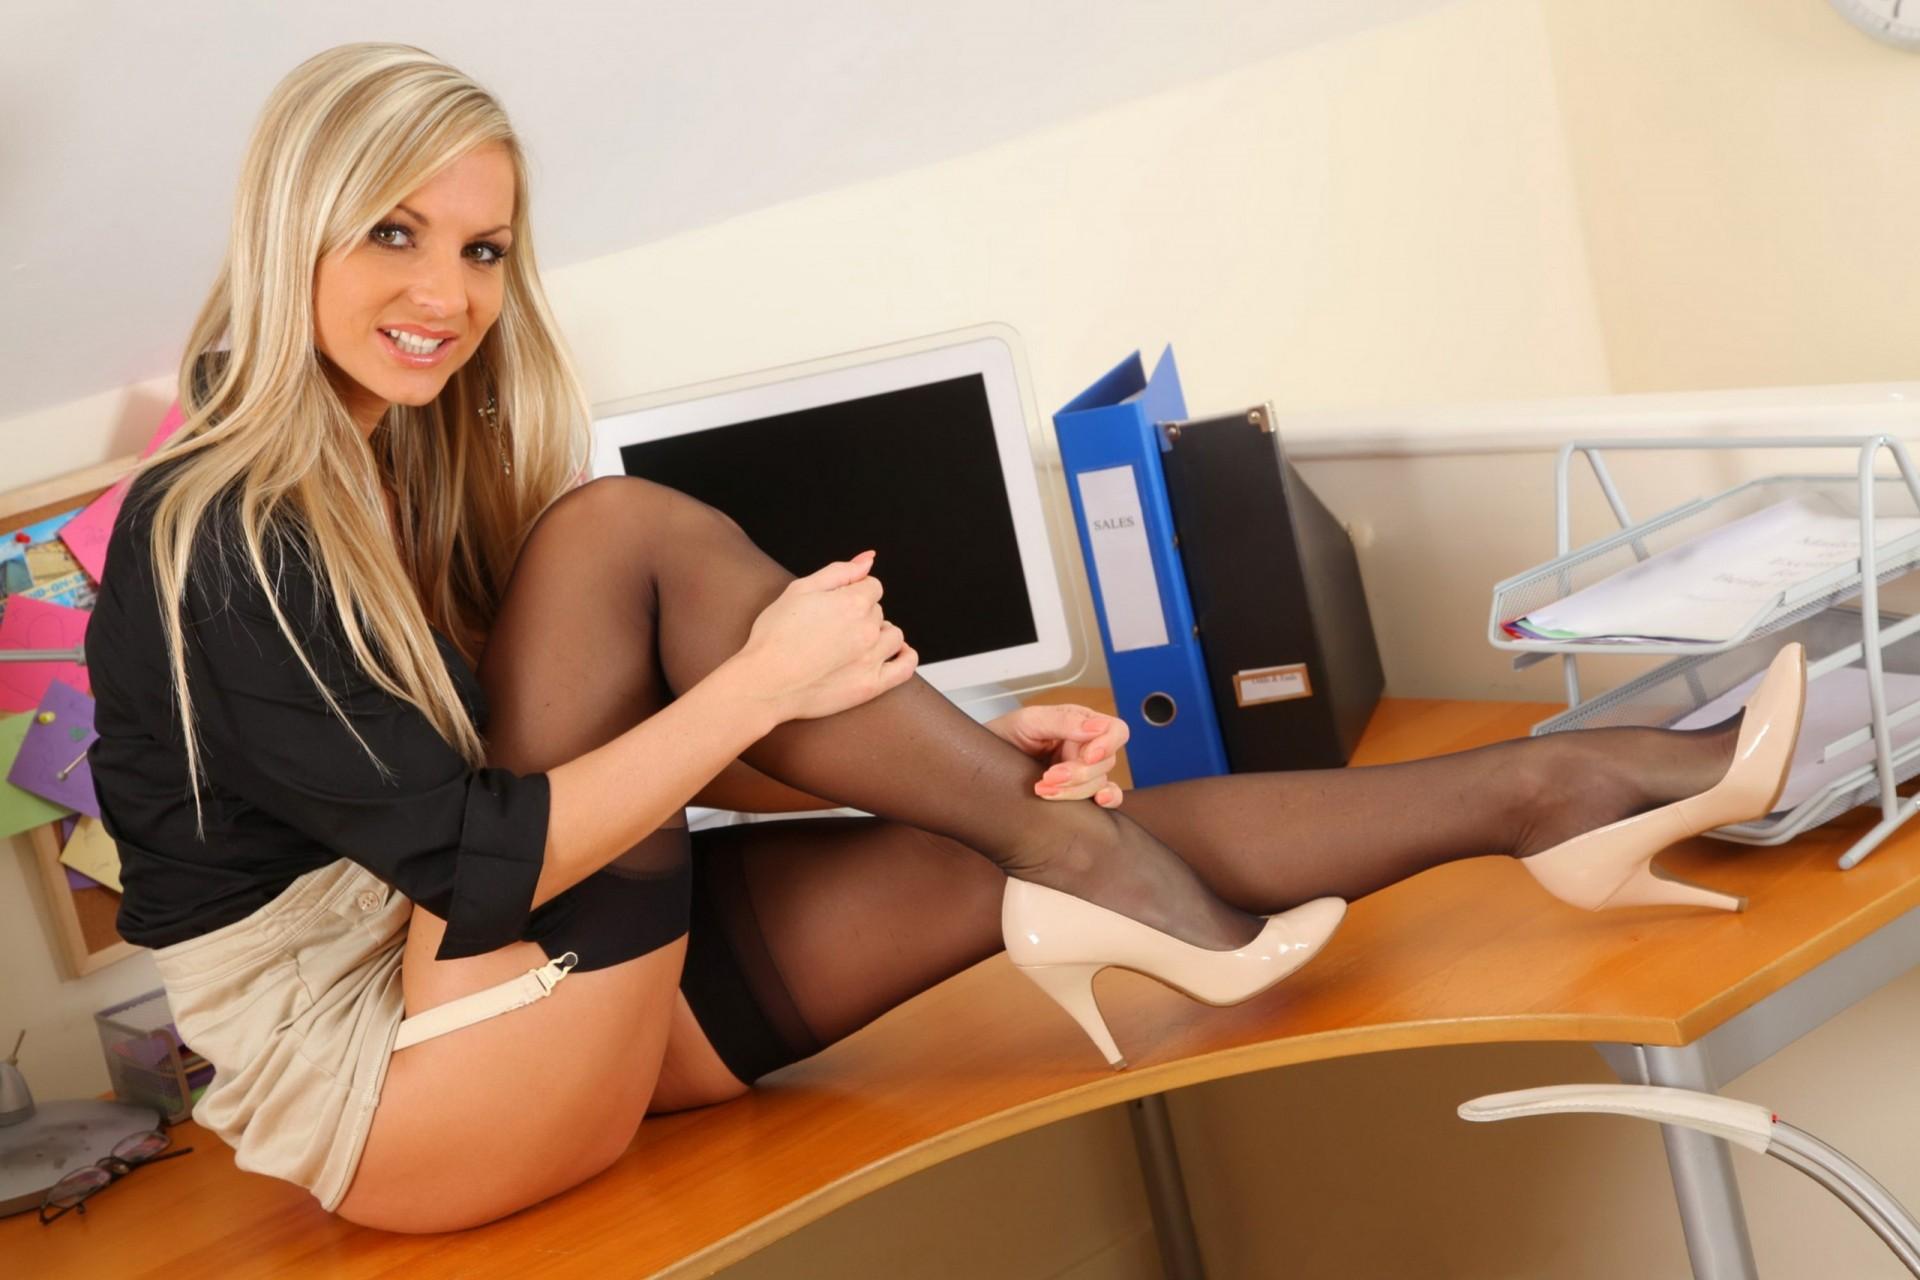 секретарши в офисе интим поправки гино